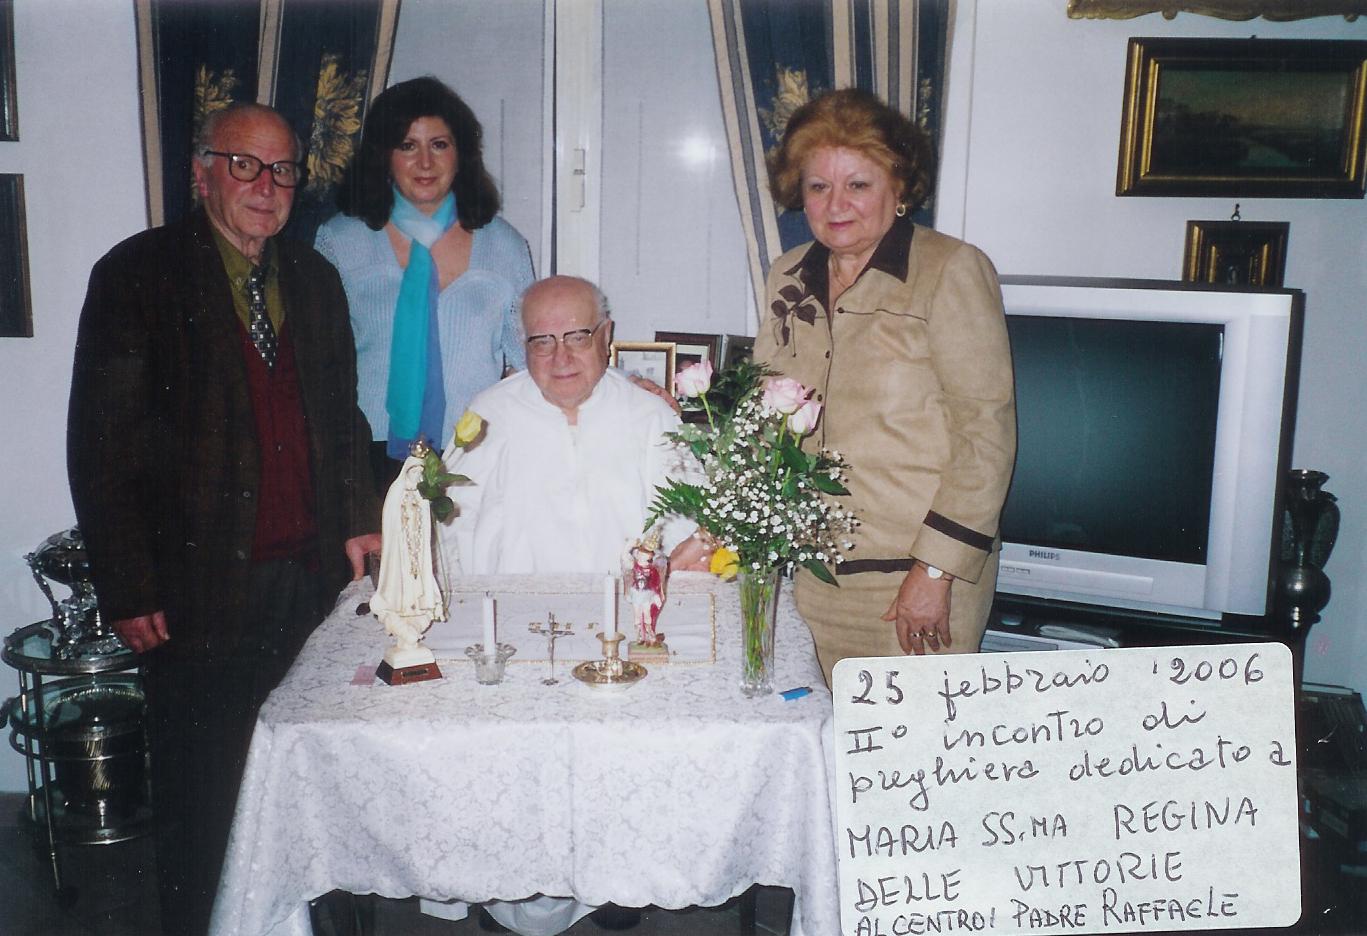 """28/01/2006Nasce il gruppo di preghiera """"Maria SS. Regina delle Vittorie"""" a Roma per la beatificazione di Nicola. Al centro padre Raffaele Maria Crivello dei Servi di Maria, alla sinistra di chi guarda la signora Antonella Gallo, capogruppo."""